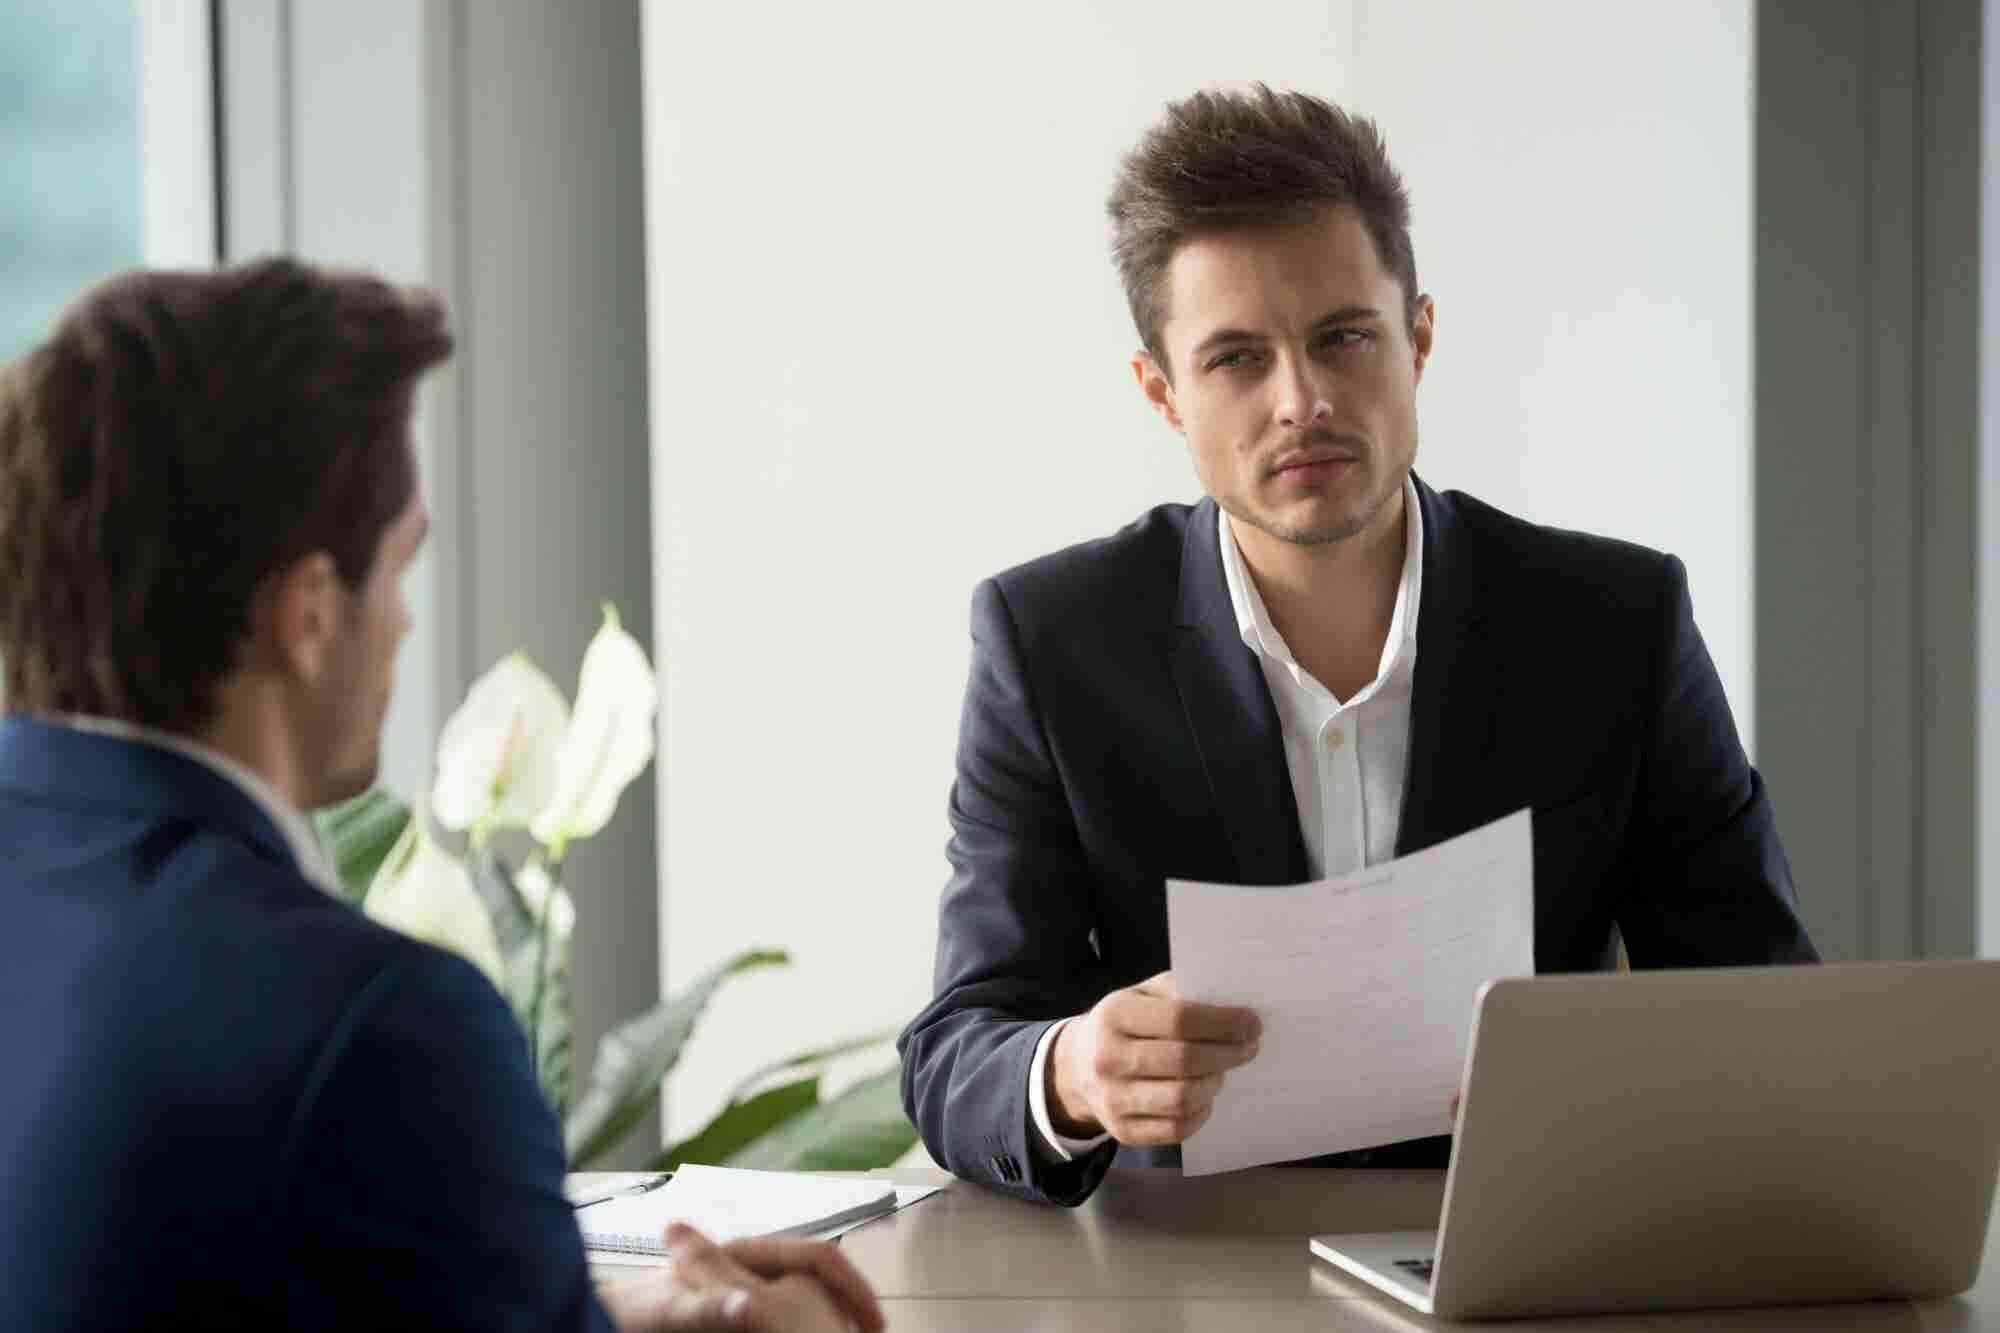 5 claves que muestran que un candidato está mintiendo o exagerando en su entrevista